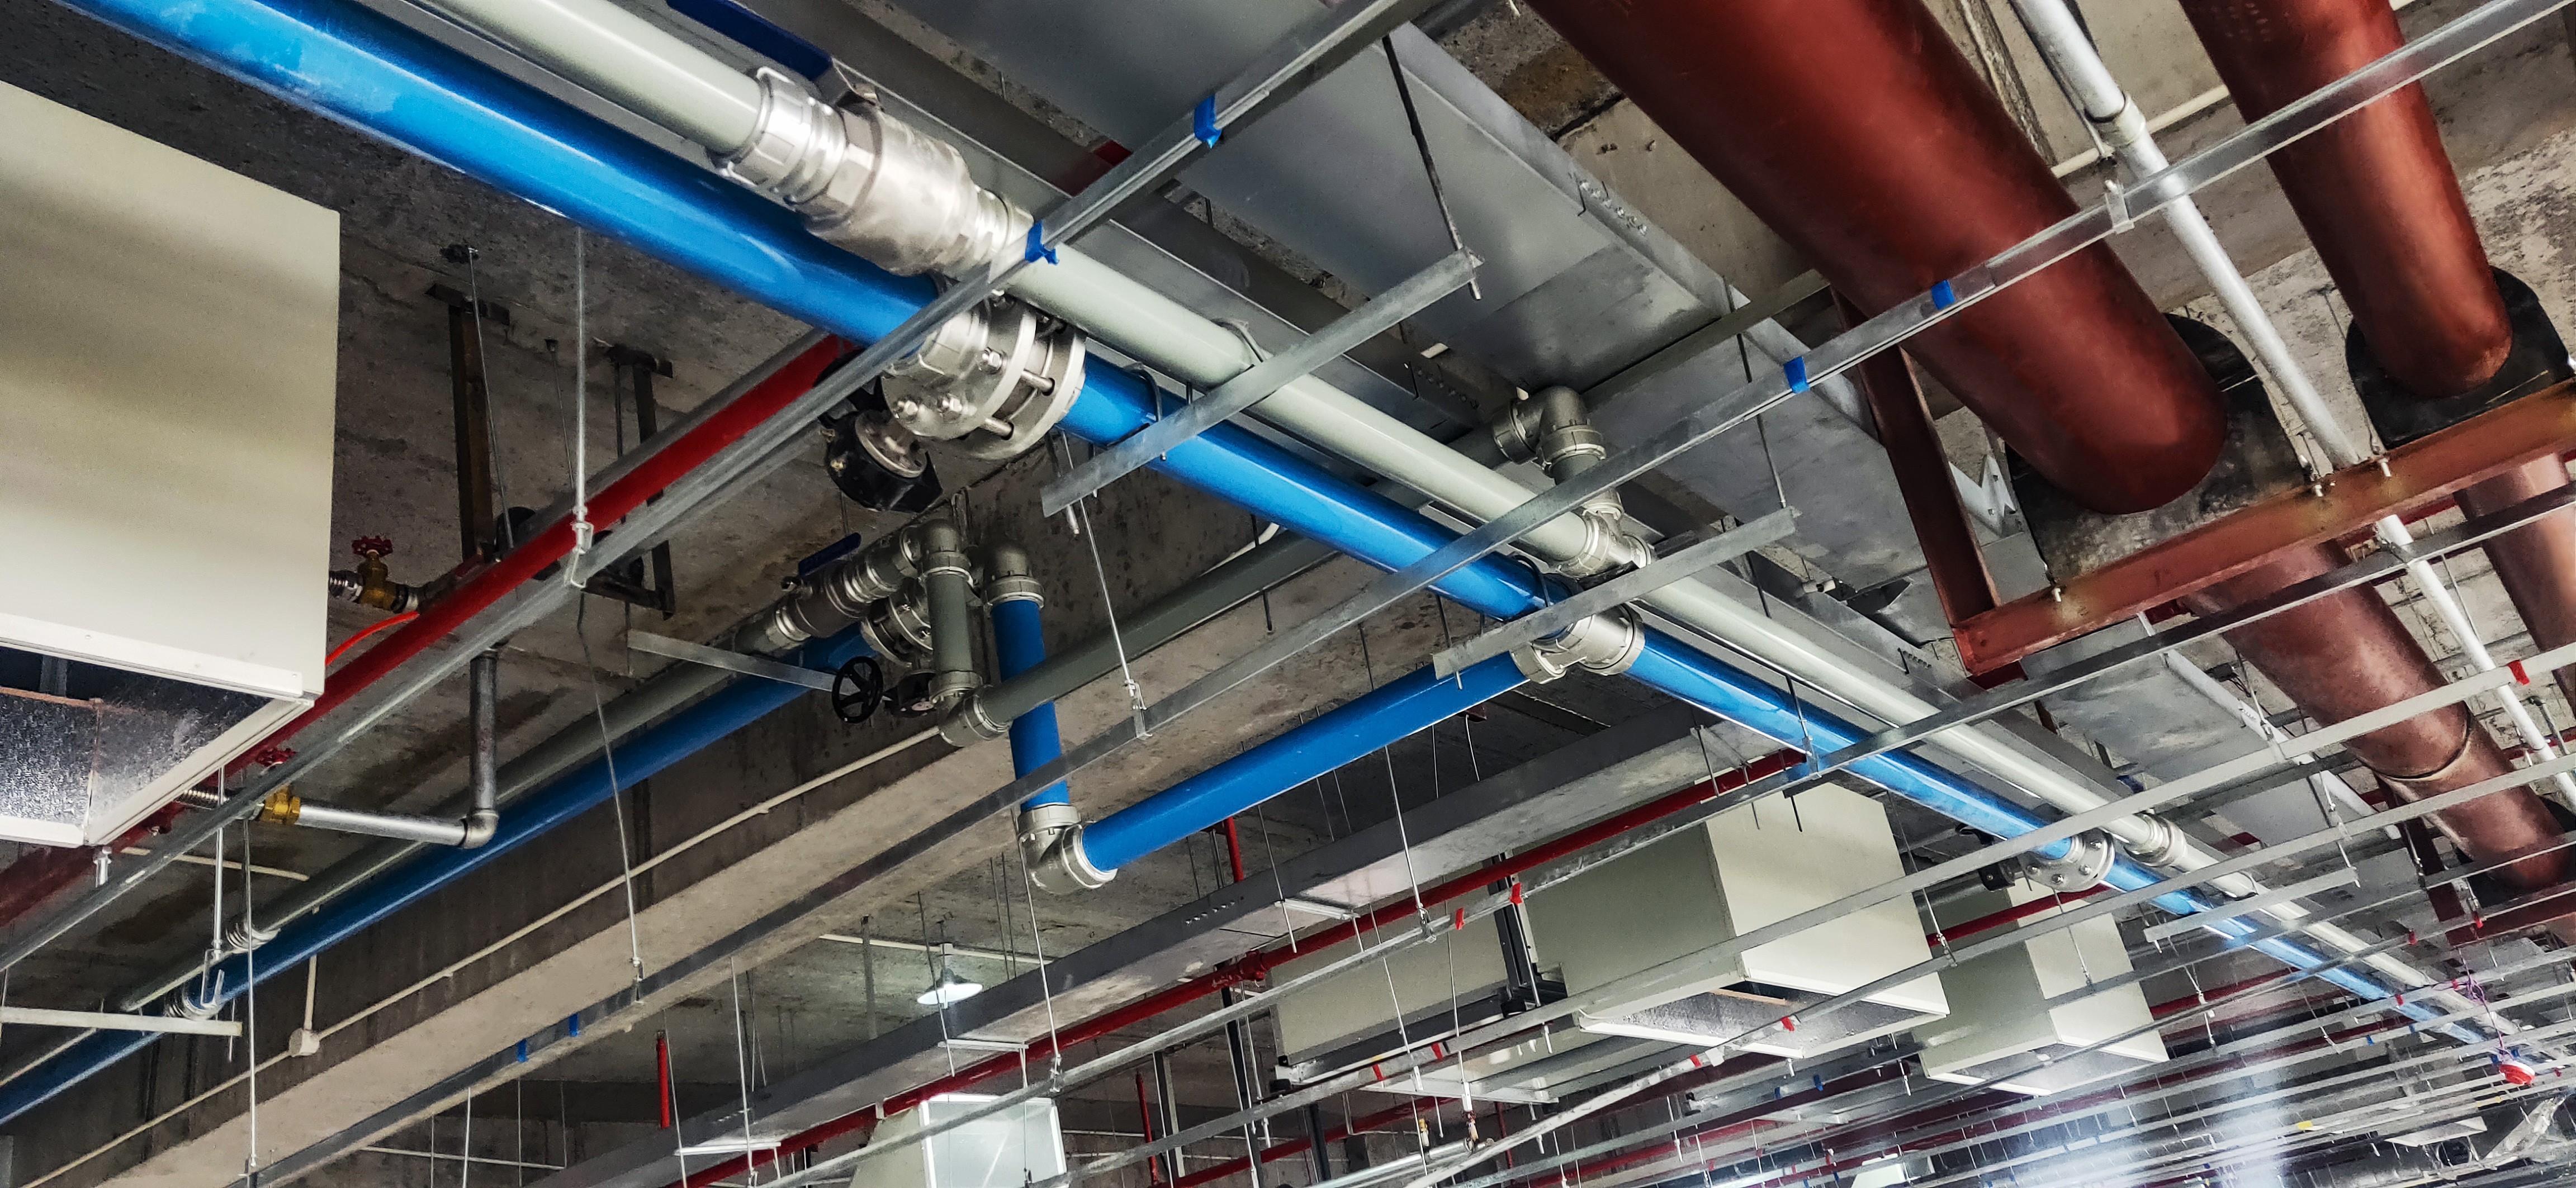 壓縮空氣管道